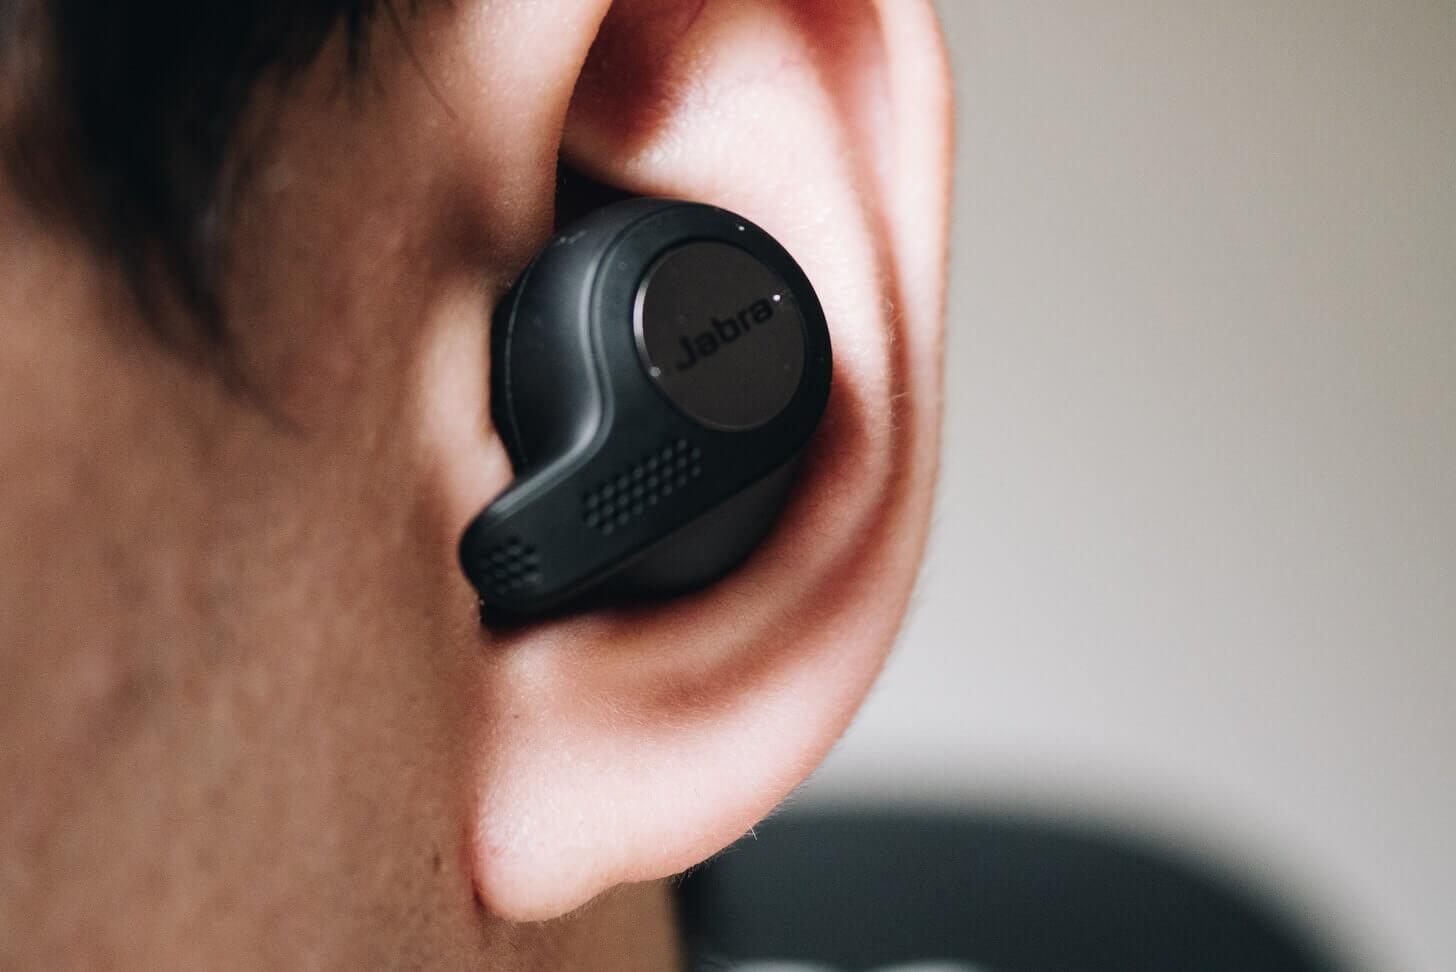 Jabra wireless earphone11